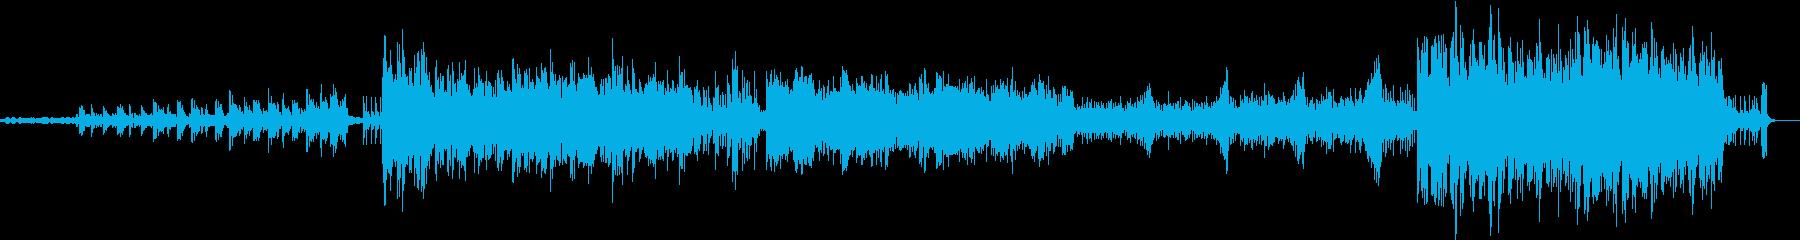 ミドルテンポ疾走系デジタル化BGMの再生済みの波形